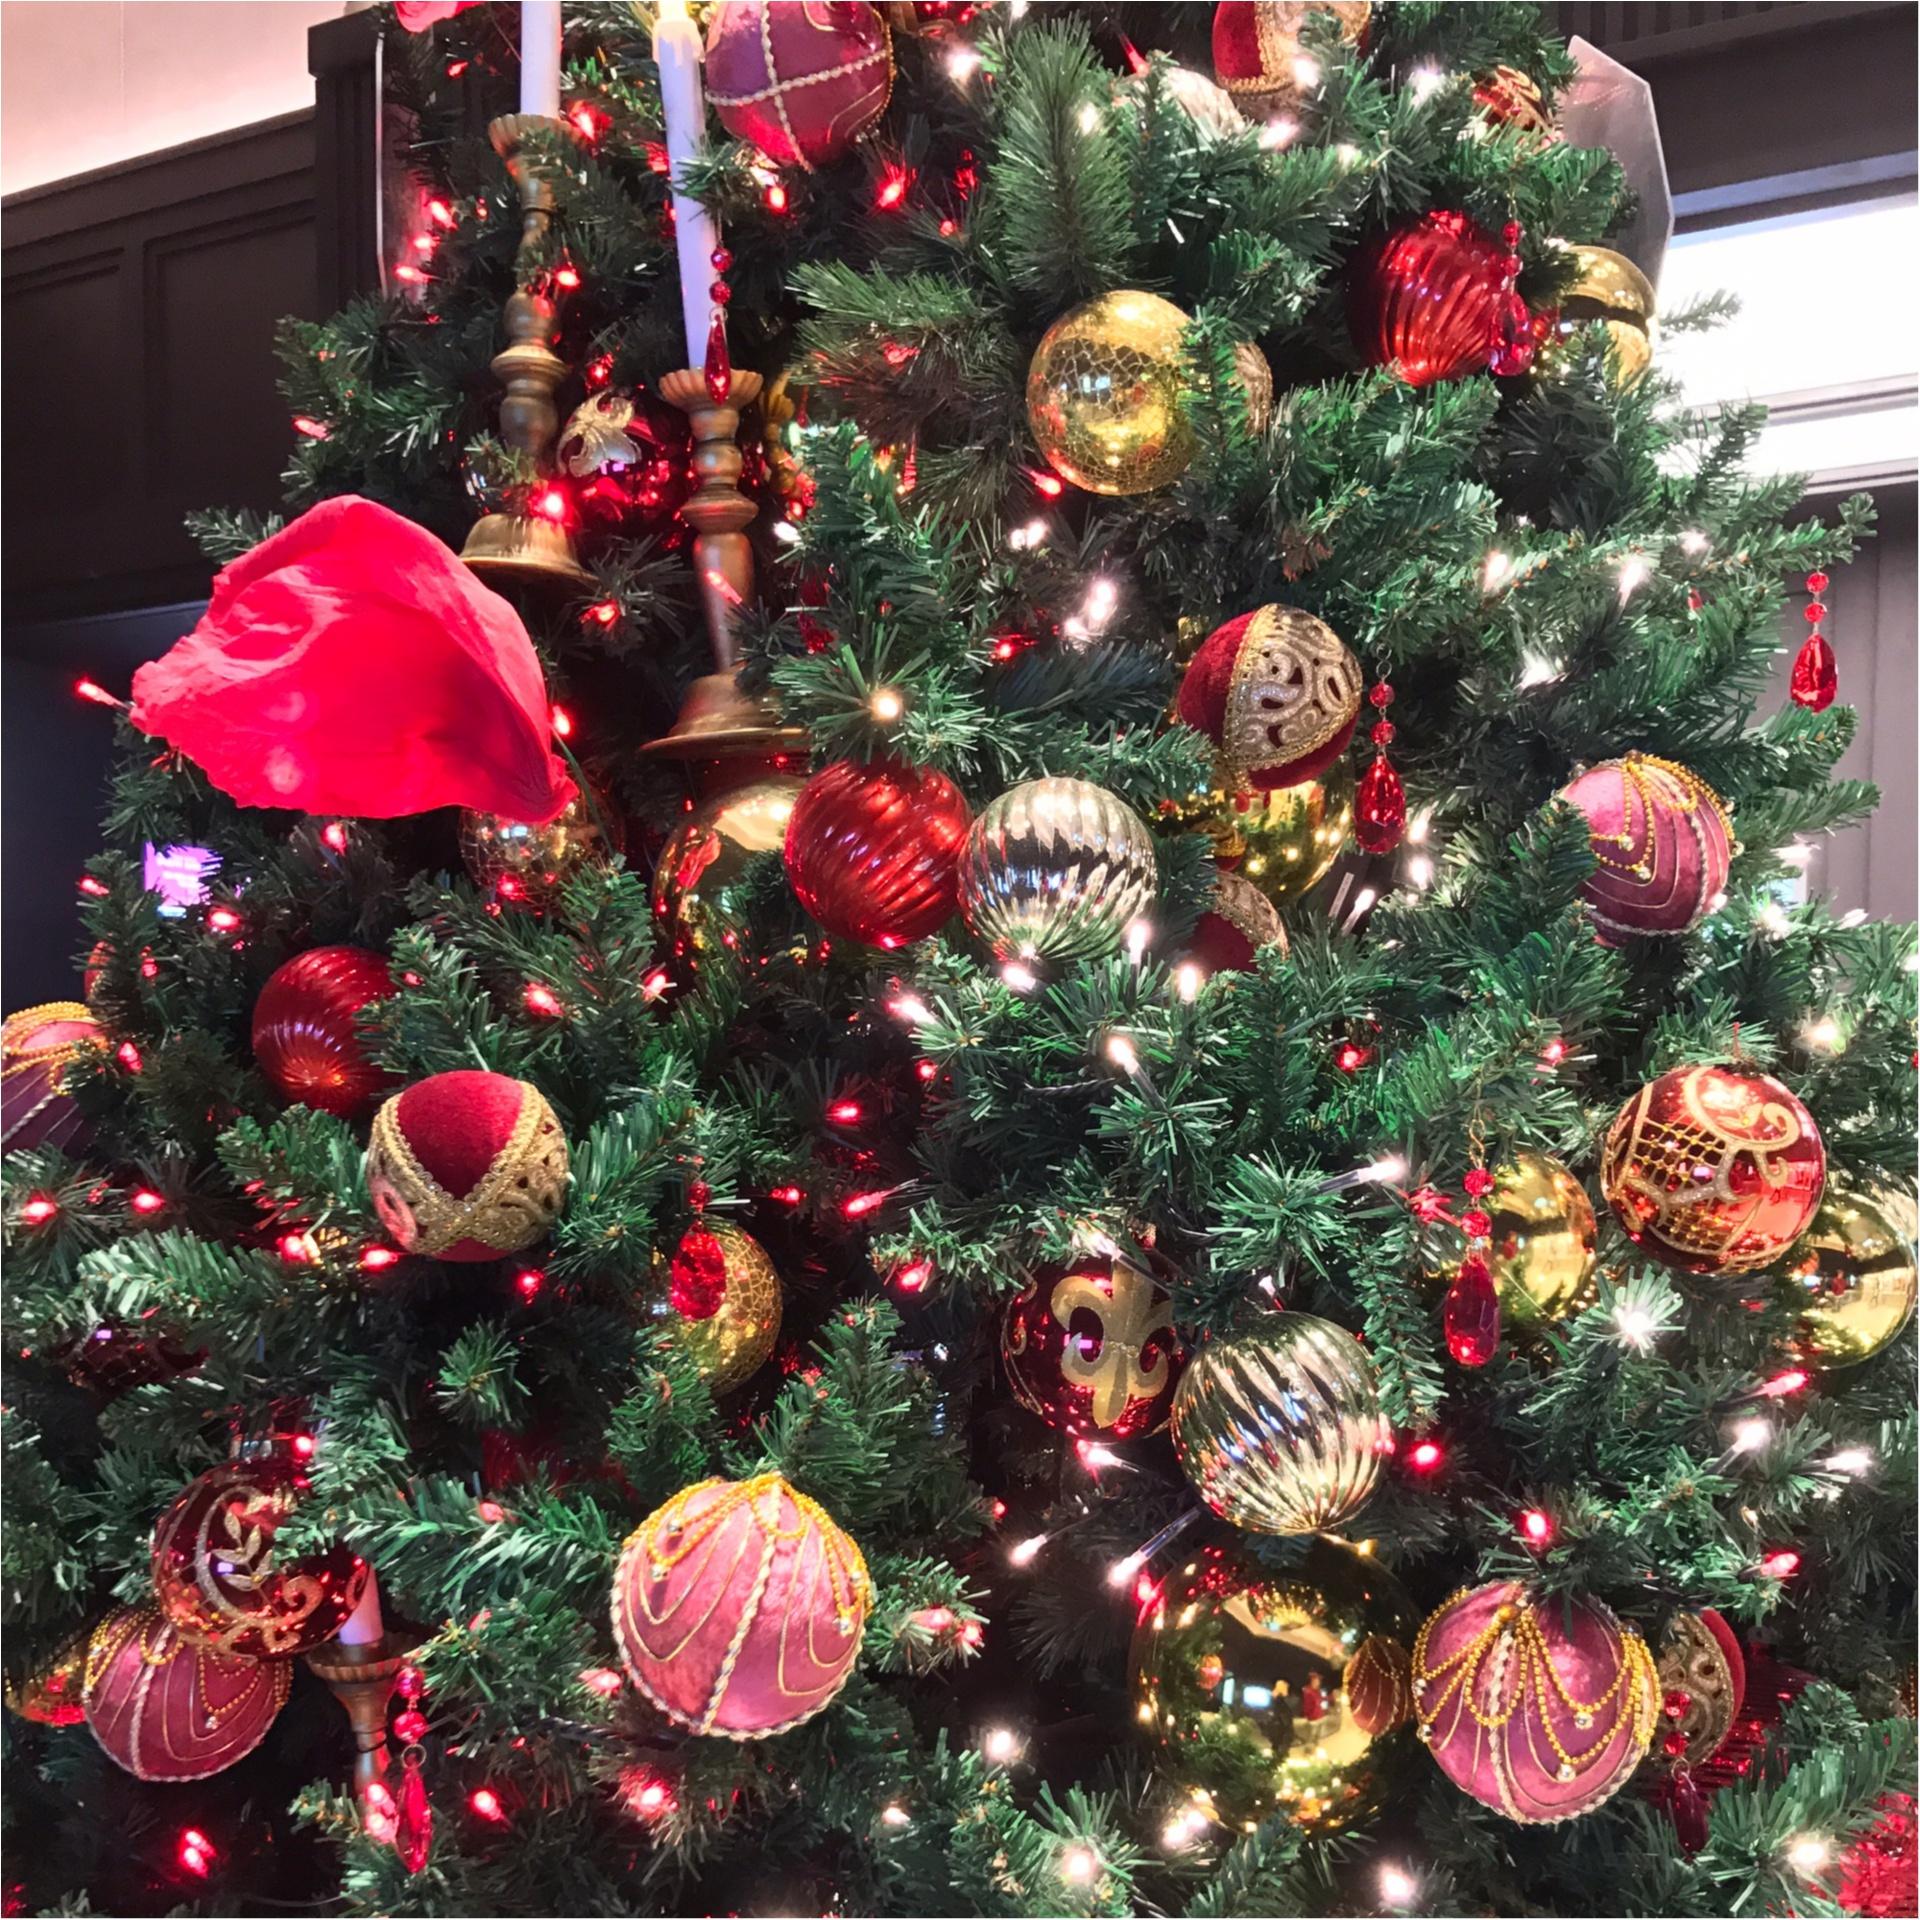 【美女と野獣】の世界に出会える❤︎TOKYU PLAZA GINZAでひと足お先にクリスマス気分☺︎_3